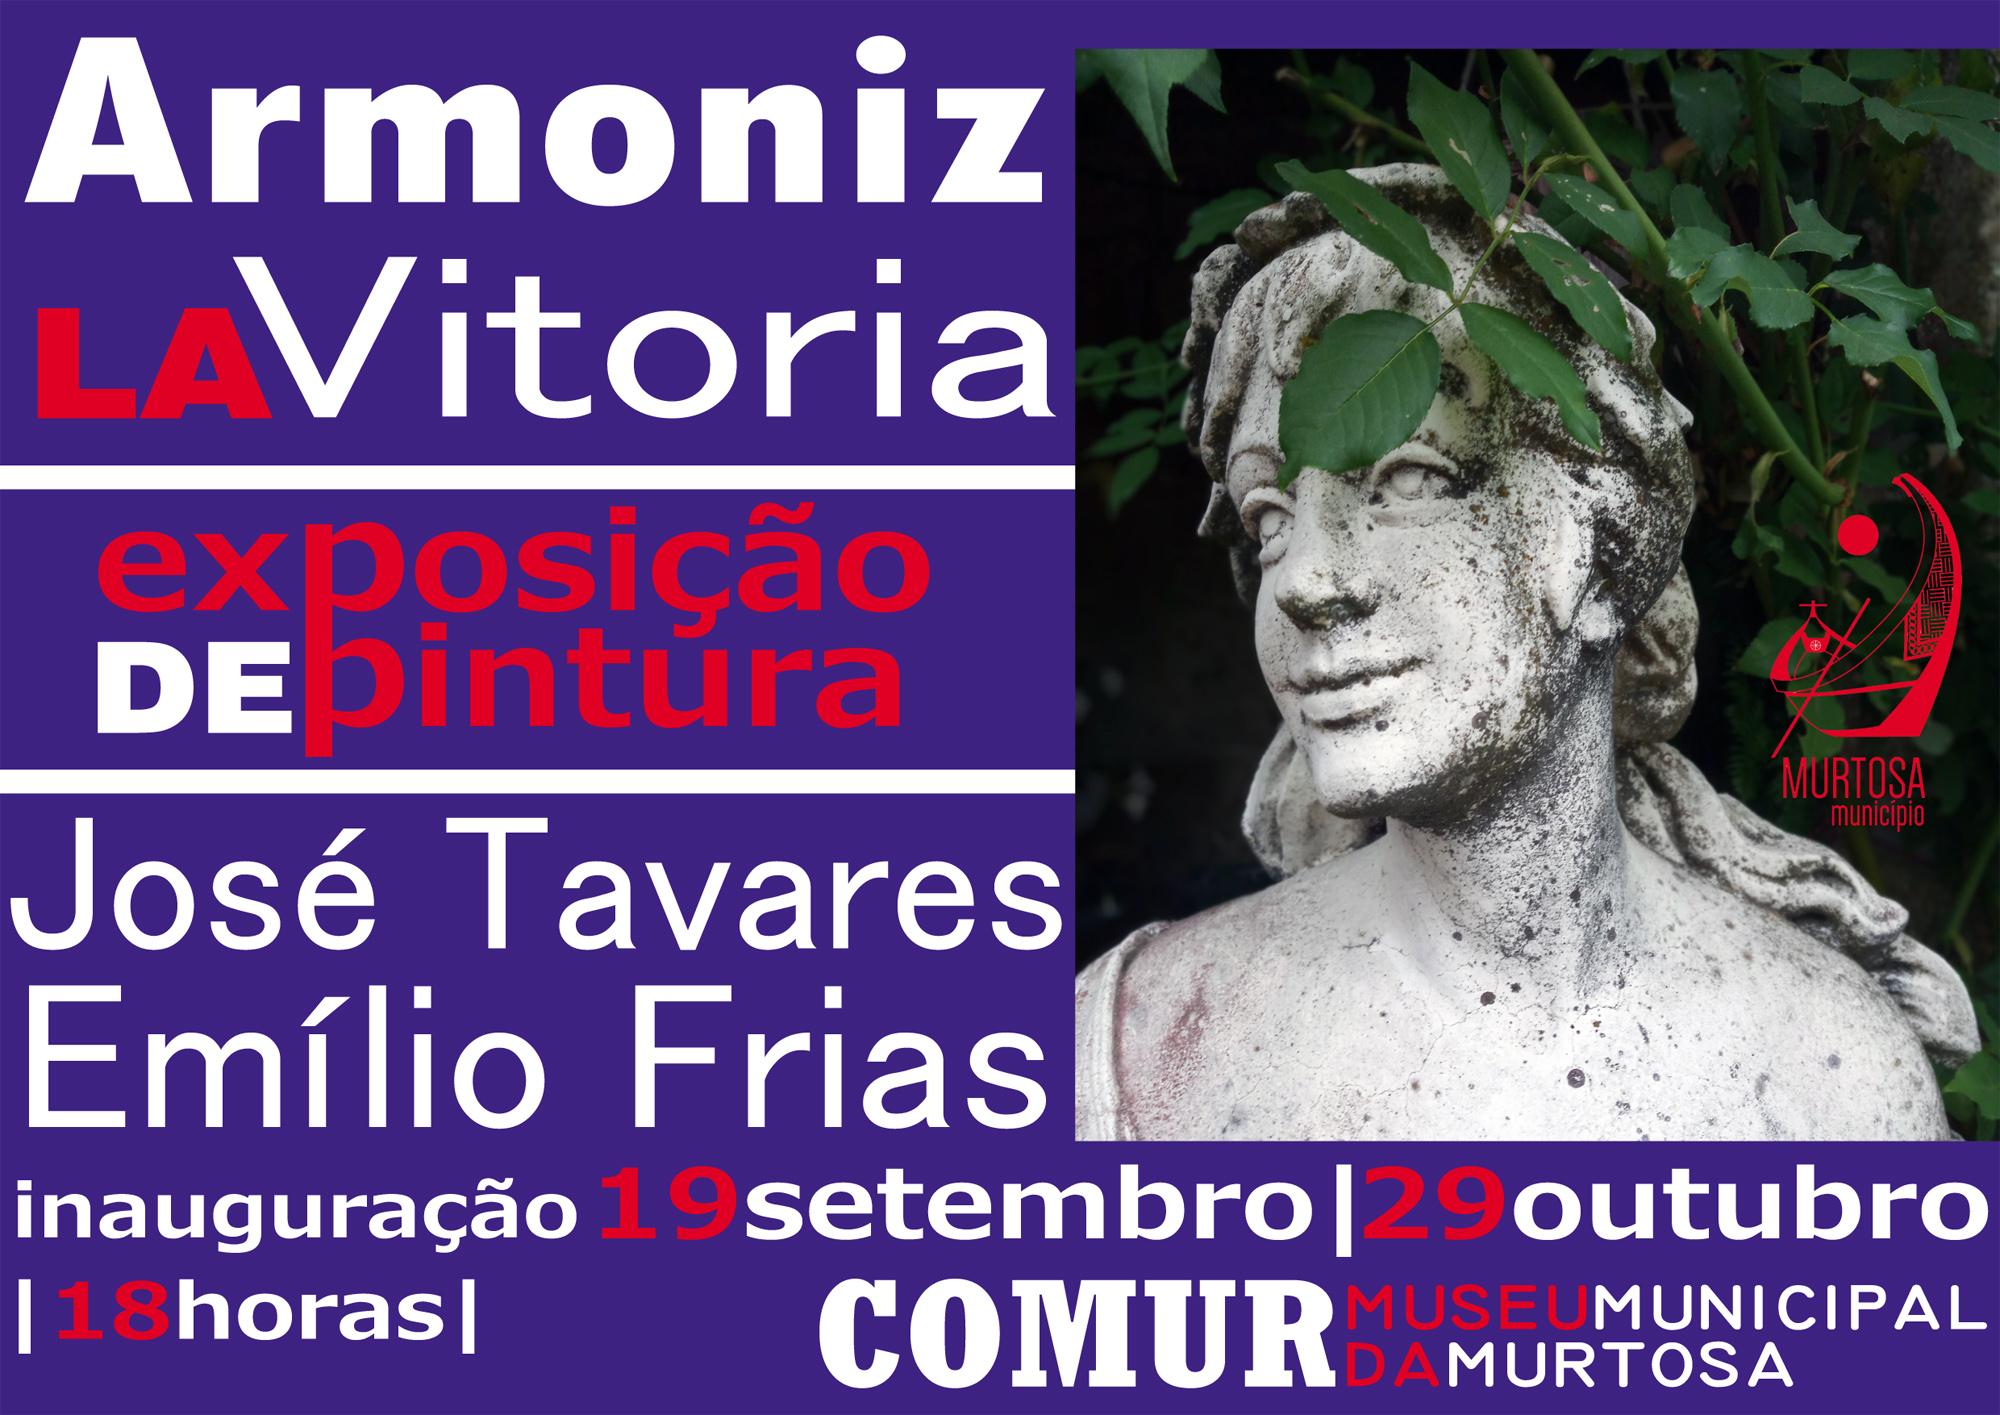 ARMONIZ LA VITORIA - EXPOSIÇÃO DE PINTURA